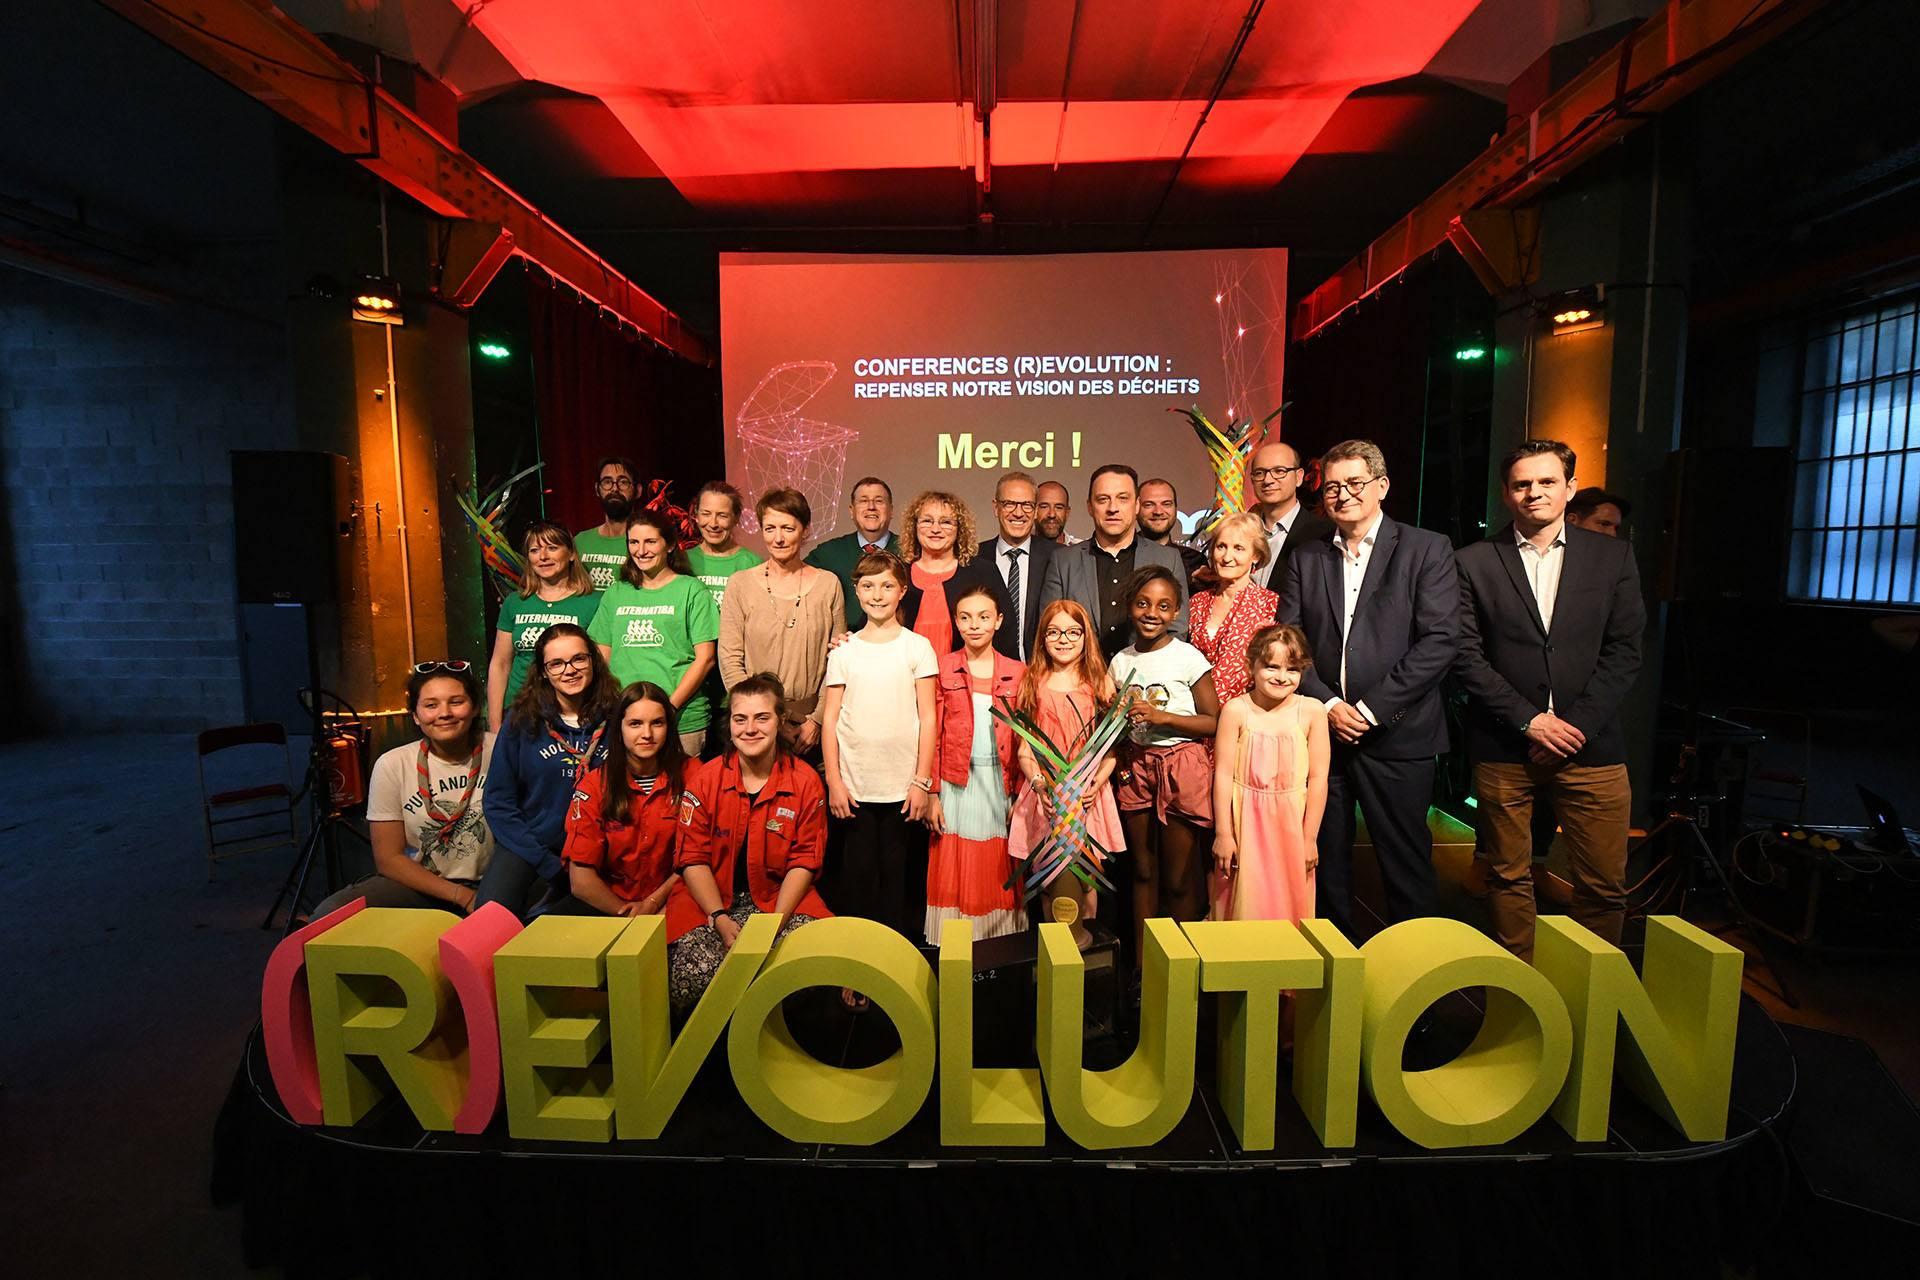 Conférence Révolution sur la réduction des déchets